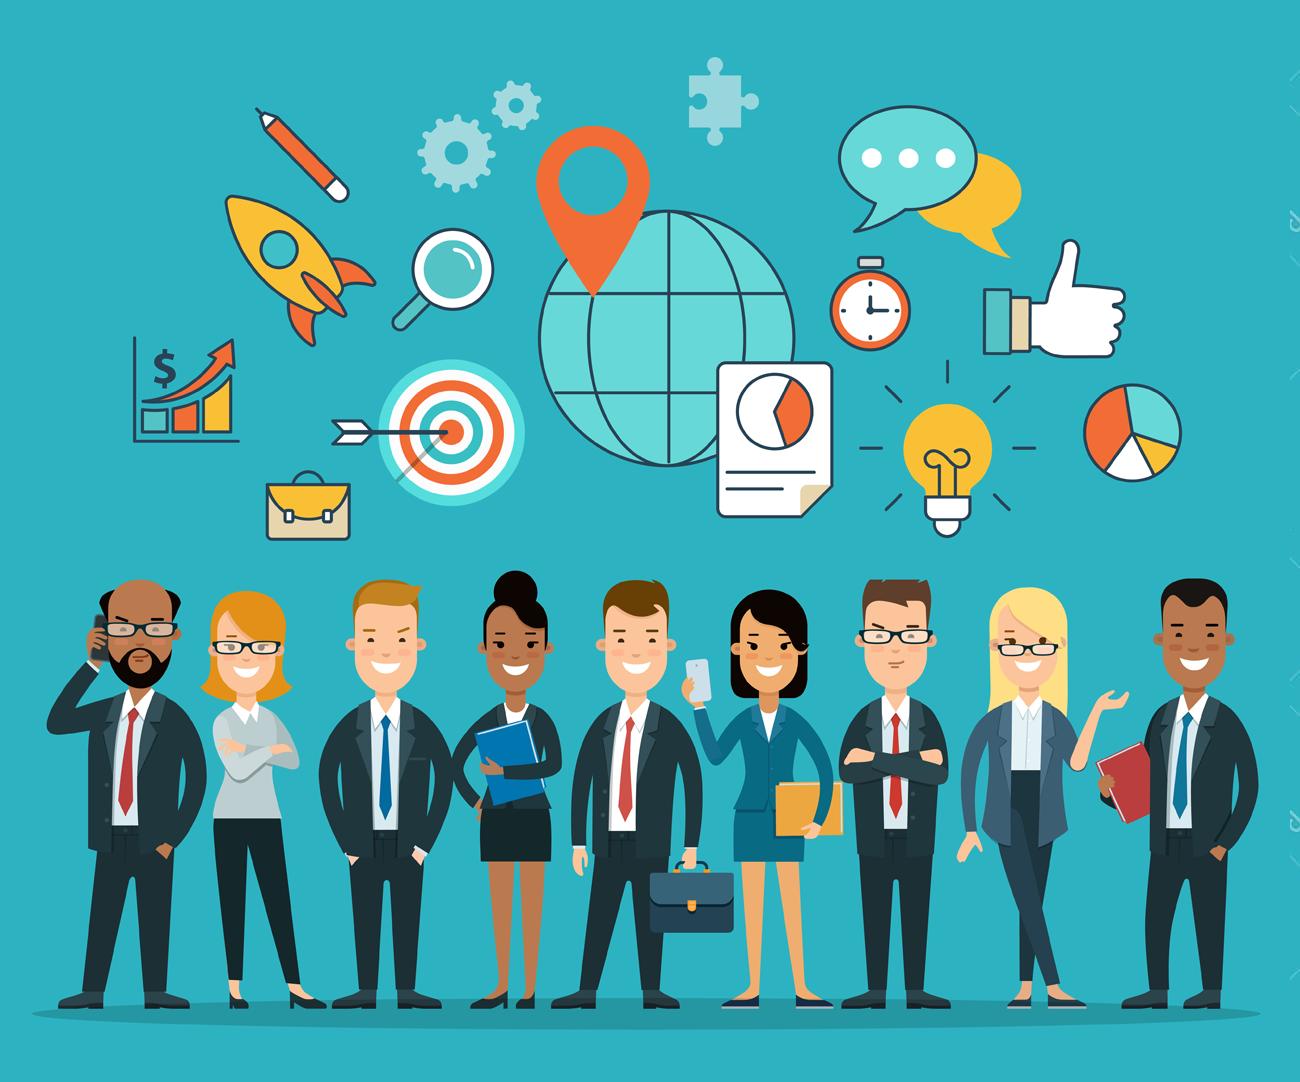 Ngành kinh doanh quốc tế là gì? Tại sao nhiều người chọn ngành kinh doanh quốc tế? - JobsGO Blog